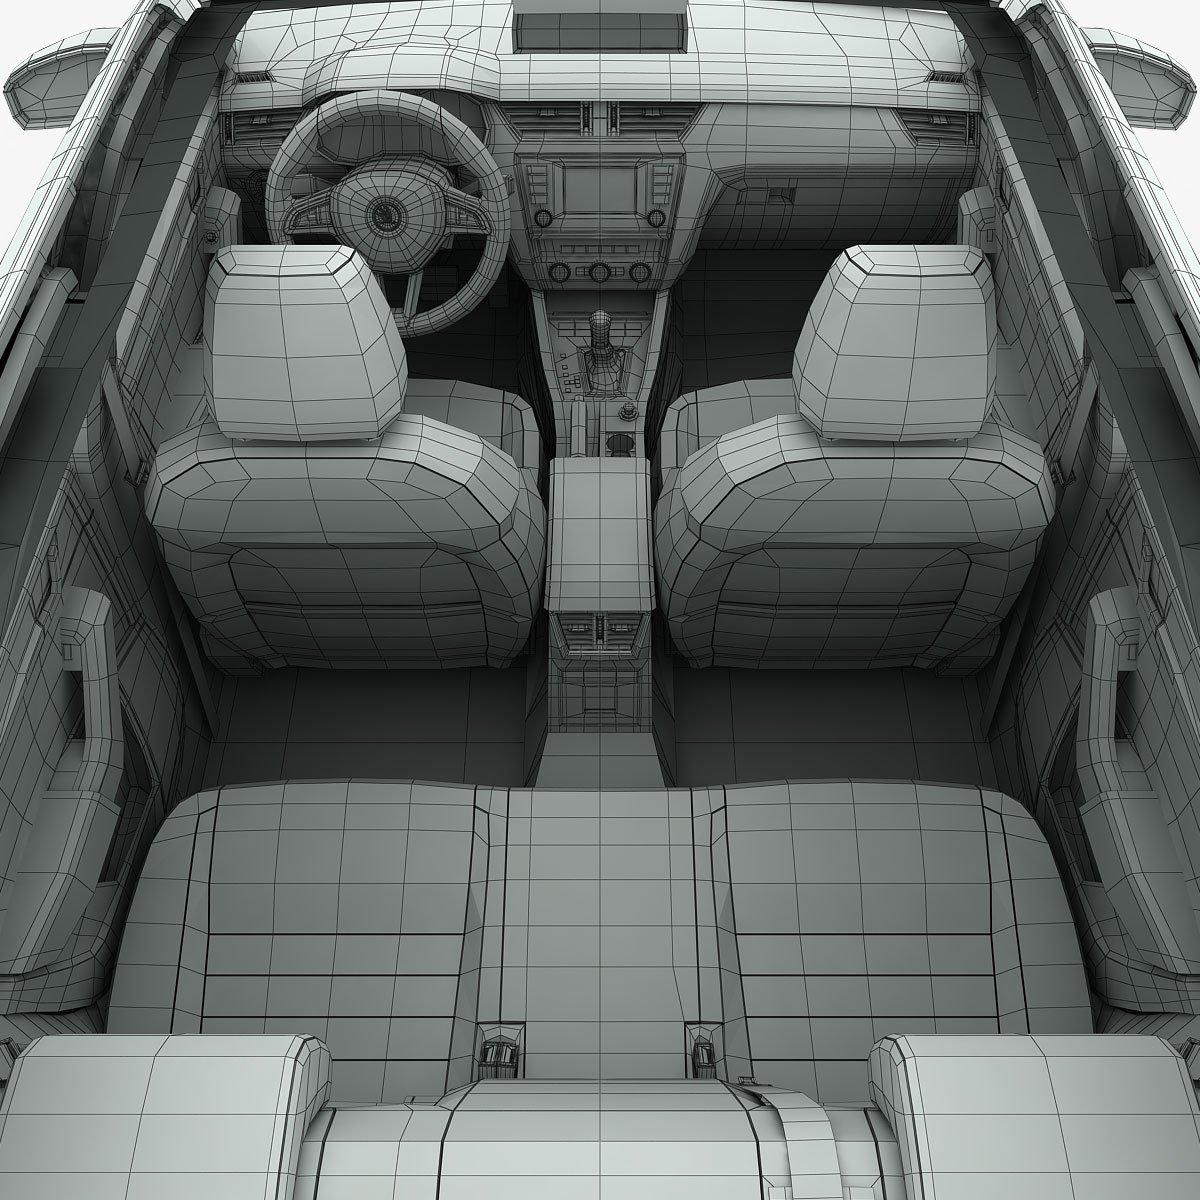 Skoda Octavia Combi 2014 detailed interior 3D Model in Wagon 3DExport